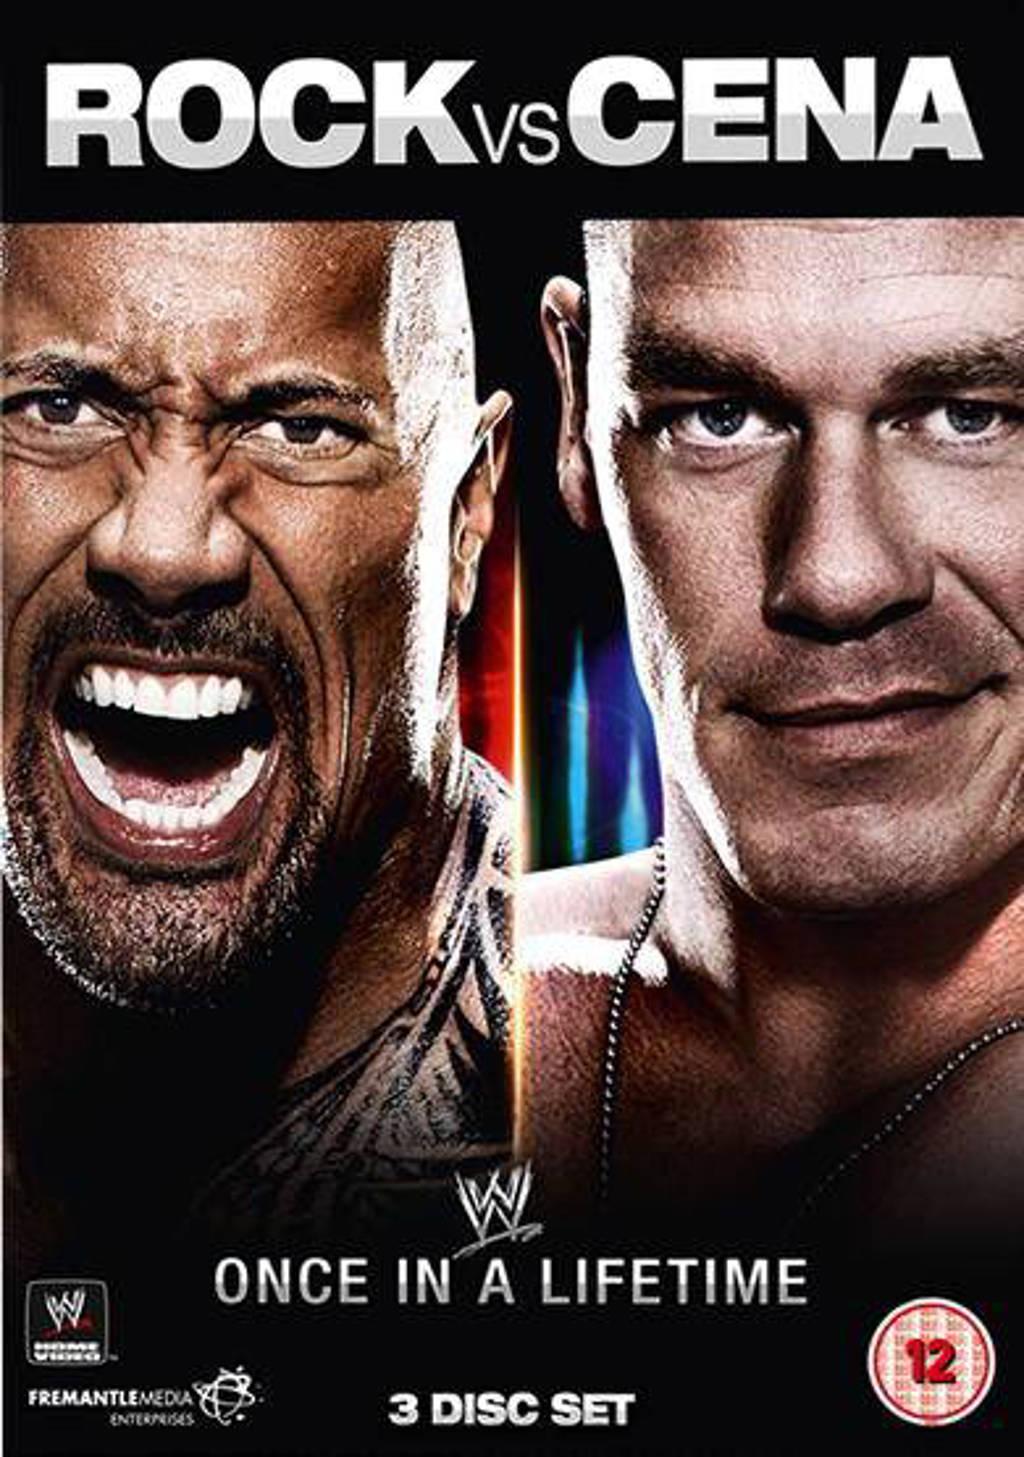 WWE - Rock Vs Cena - Once In A Lifetime (DVD)